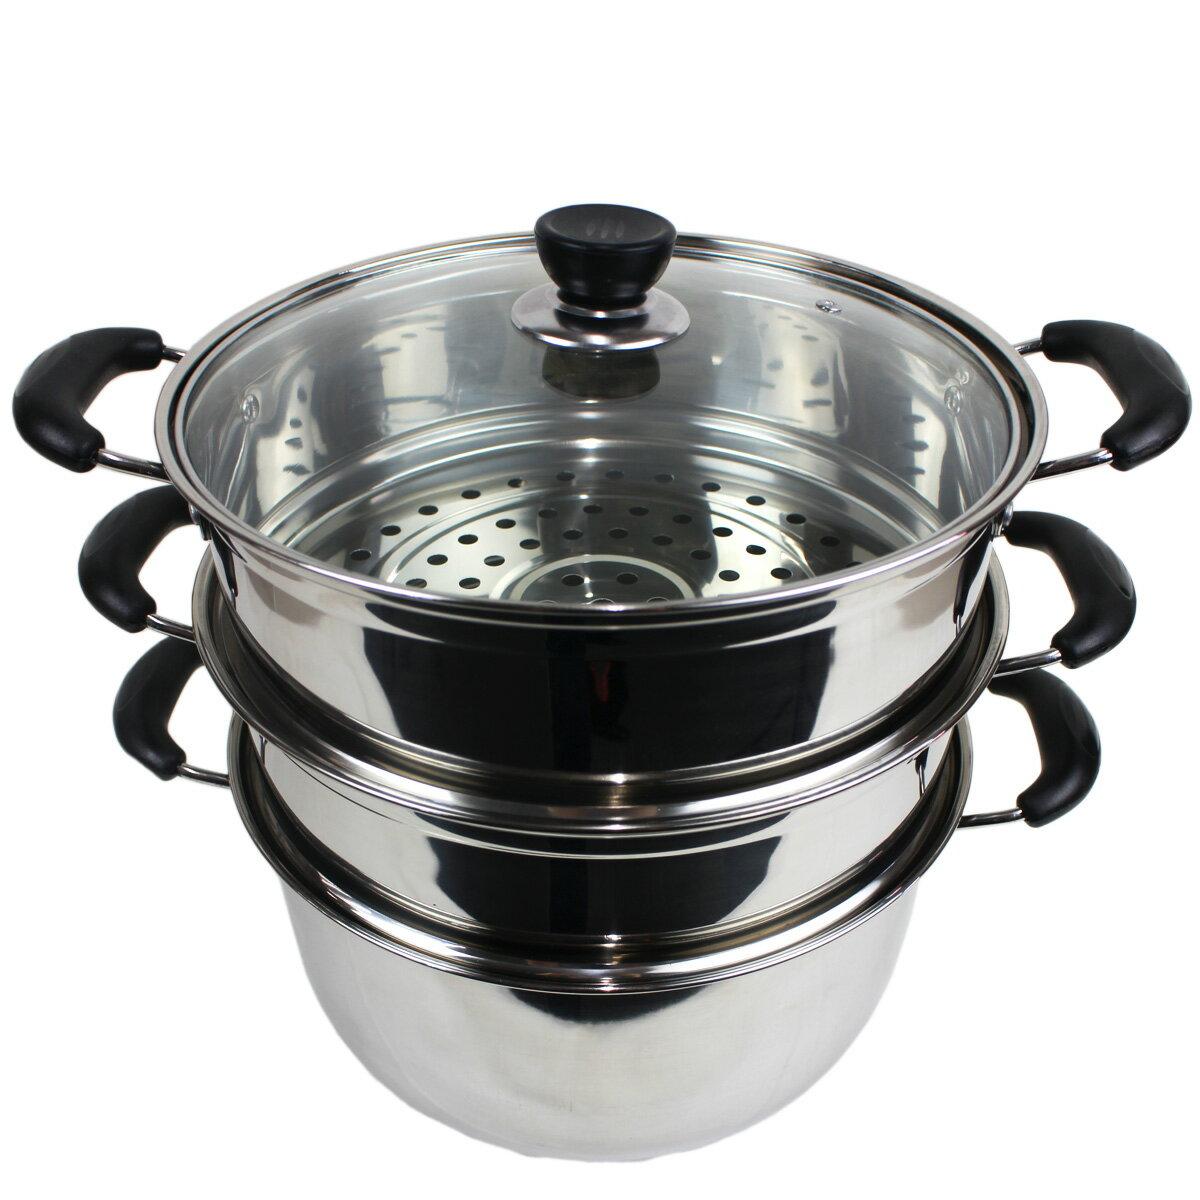 ハイスト 蒸し鍋